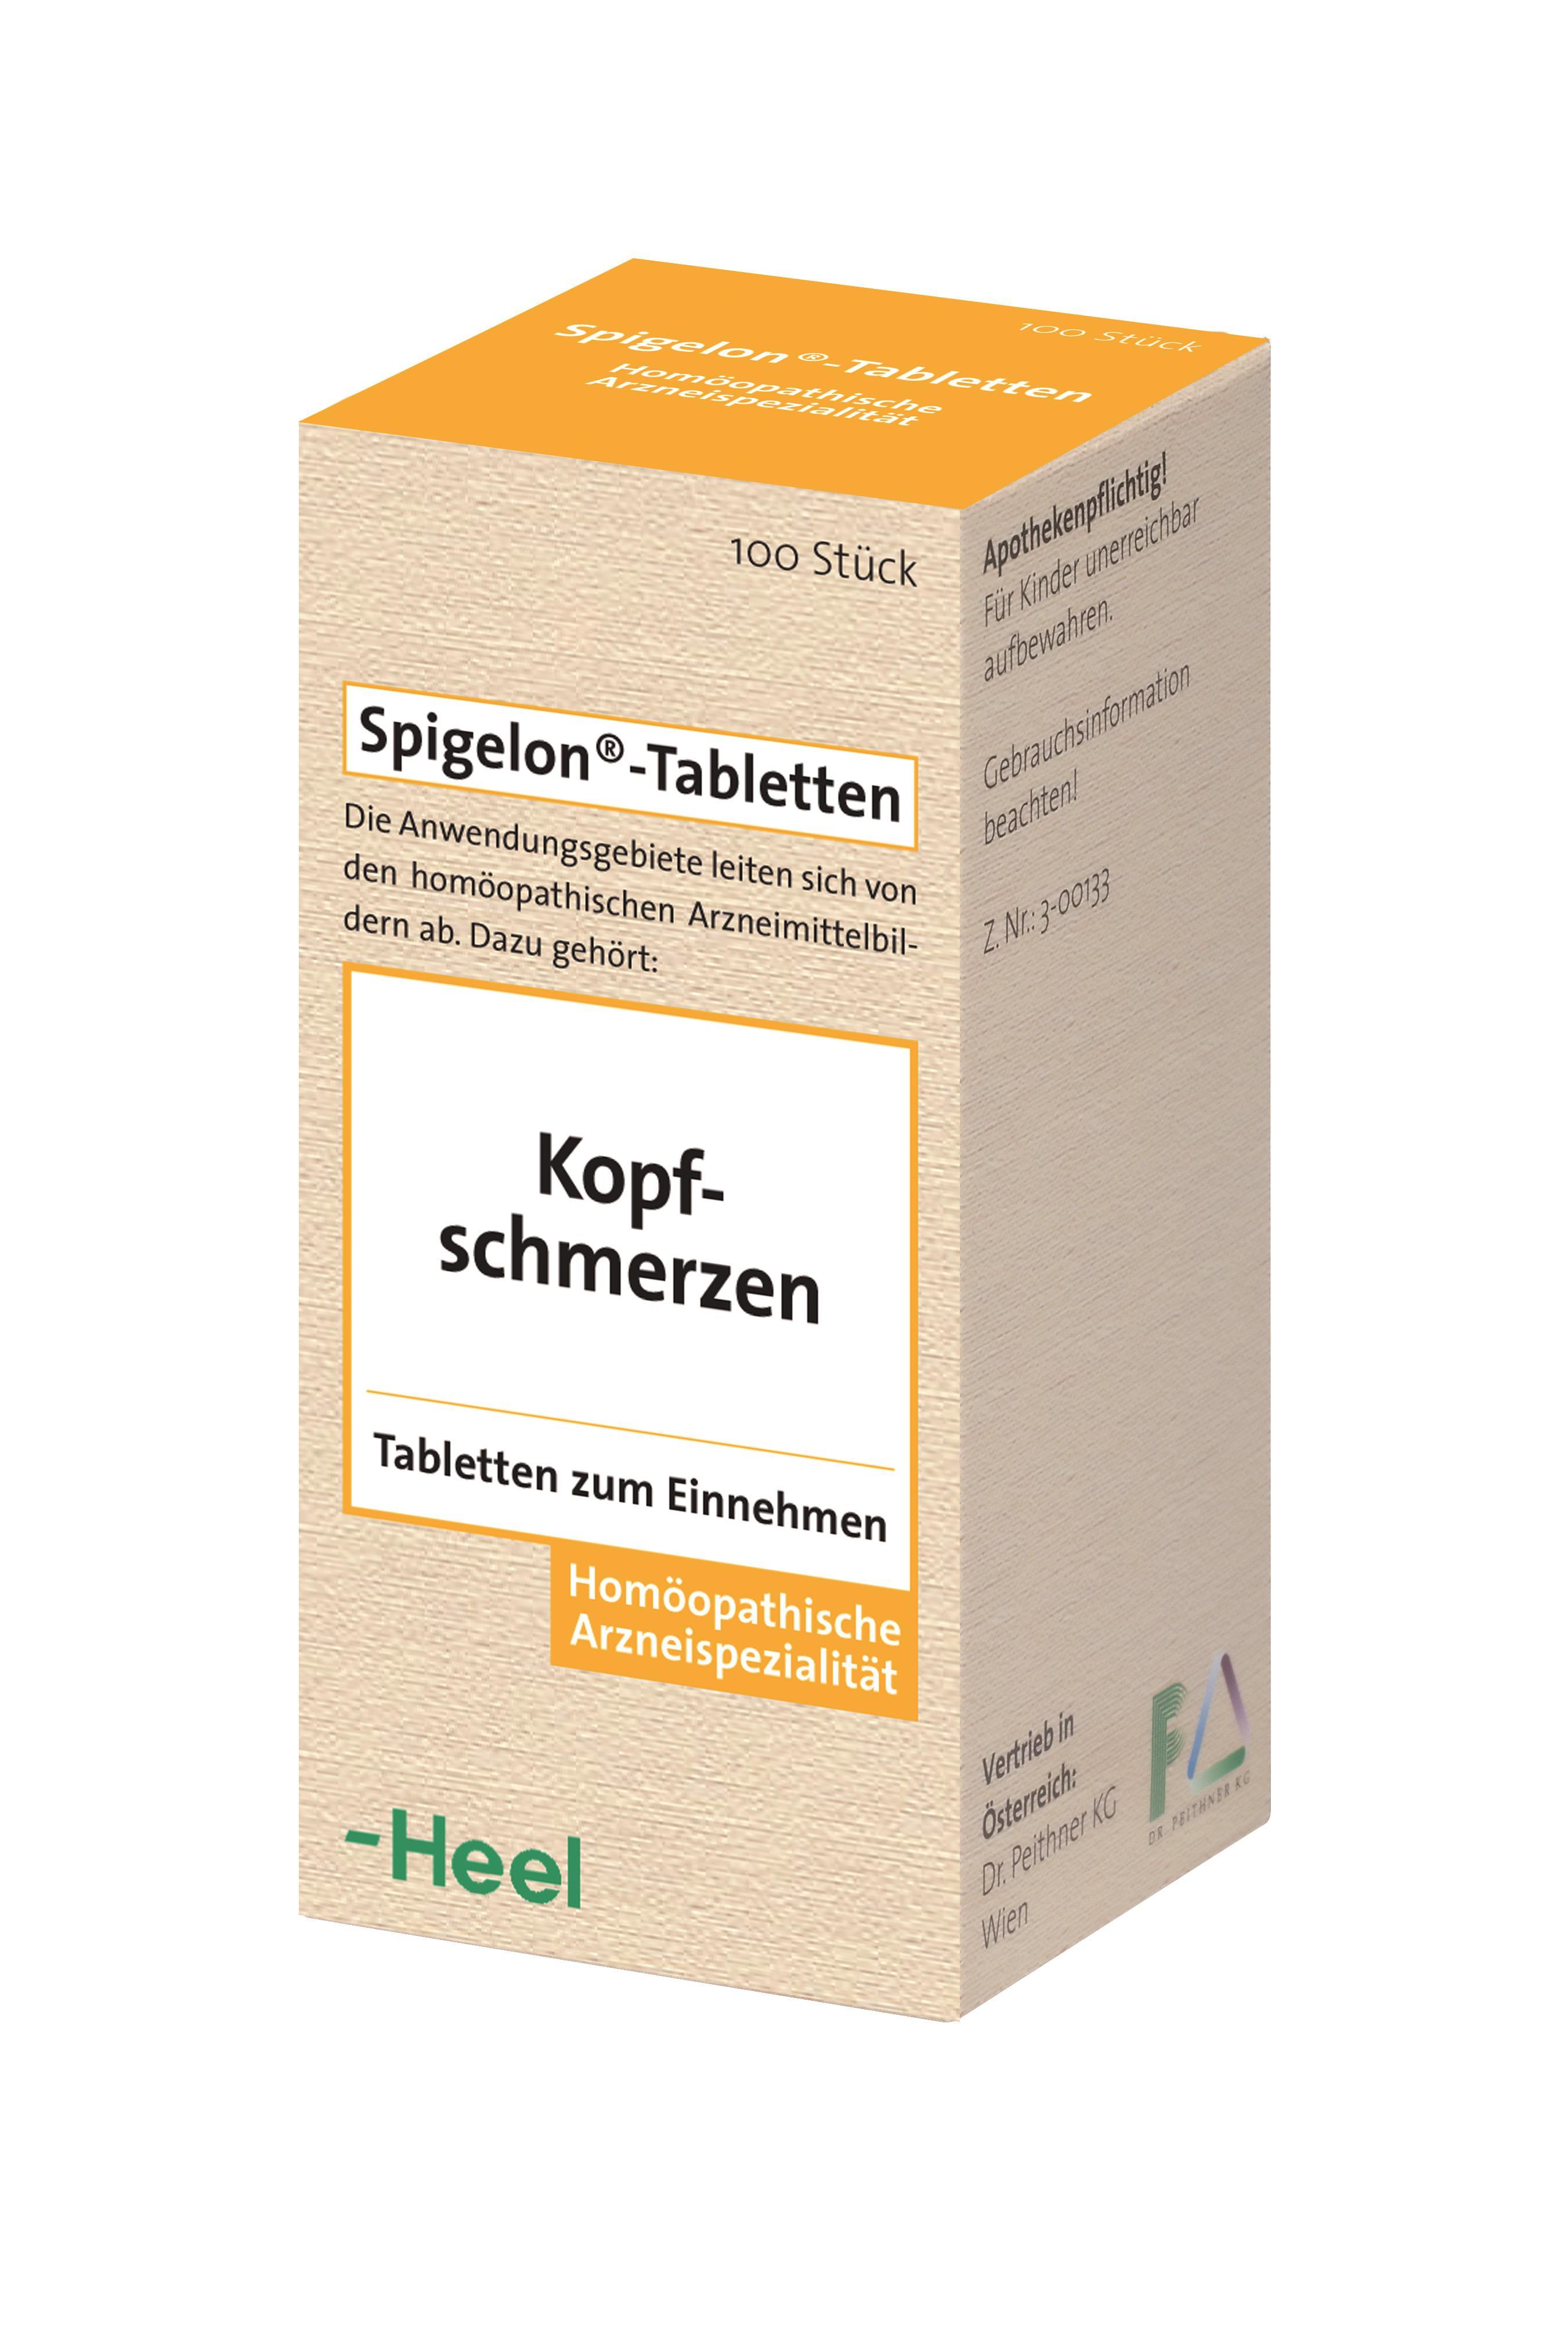 Spigelon - Tabletten